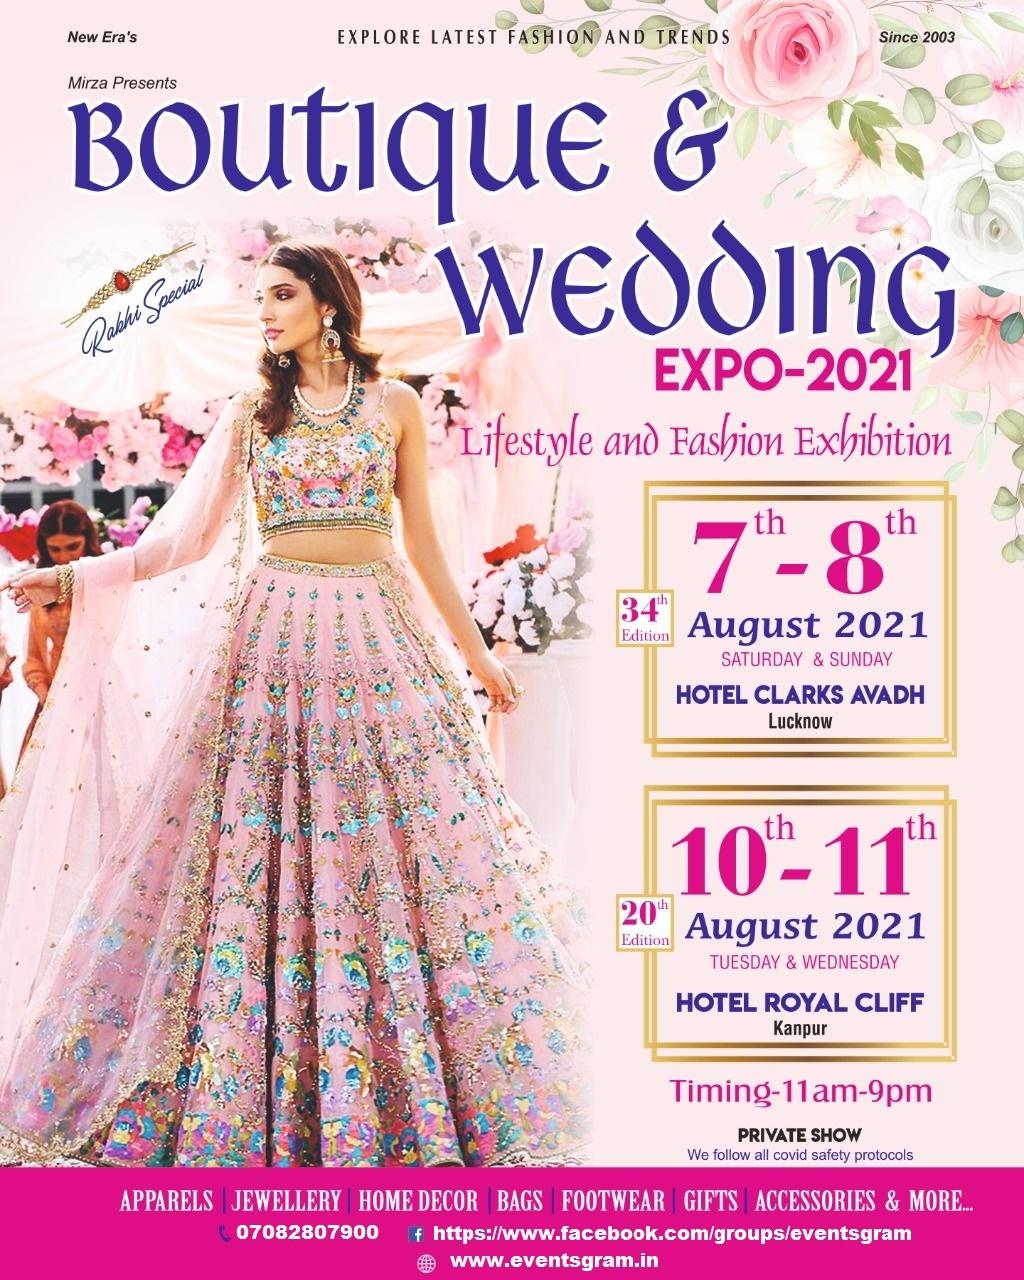 Boutique & Wedding Expo 2021